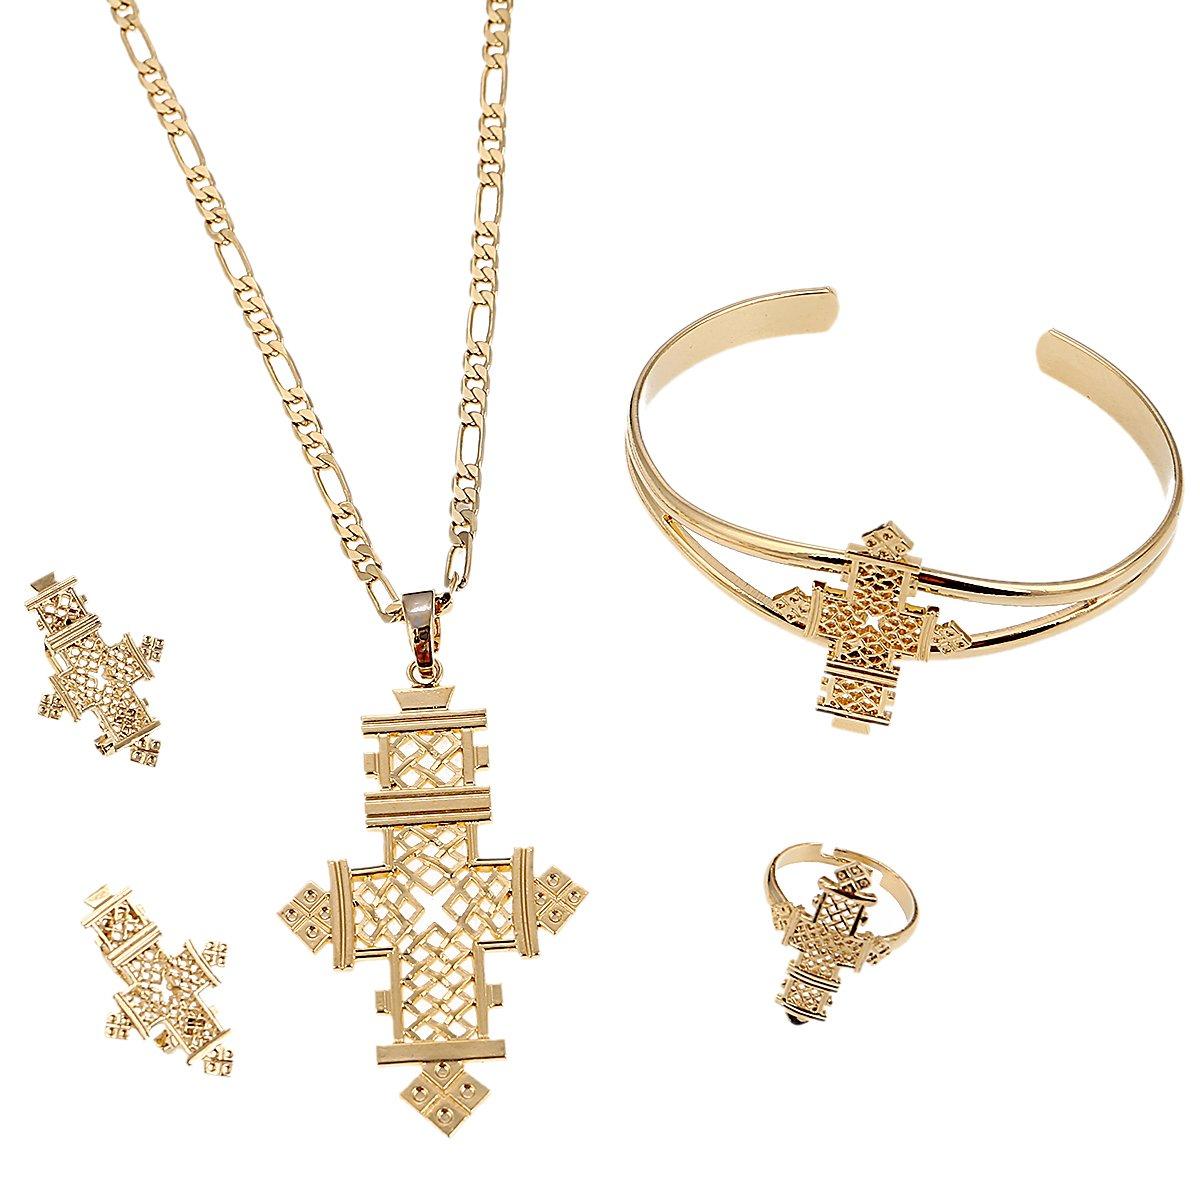 BR Gold Jewelry Croix /Éthiopienne Ensemble de bijoux Couleur or collier boucles doreilles Bague Bracelet Afrique Dubai Mariage Ensembles